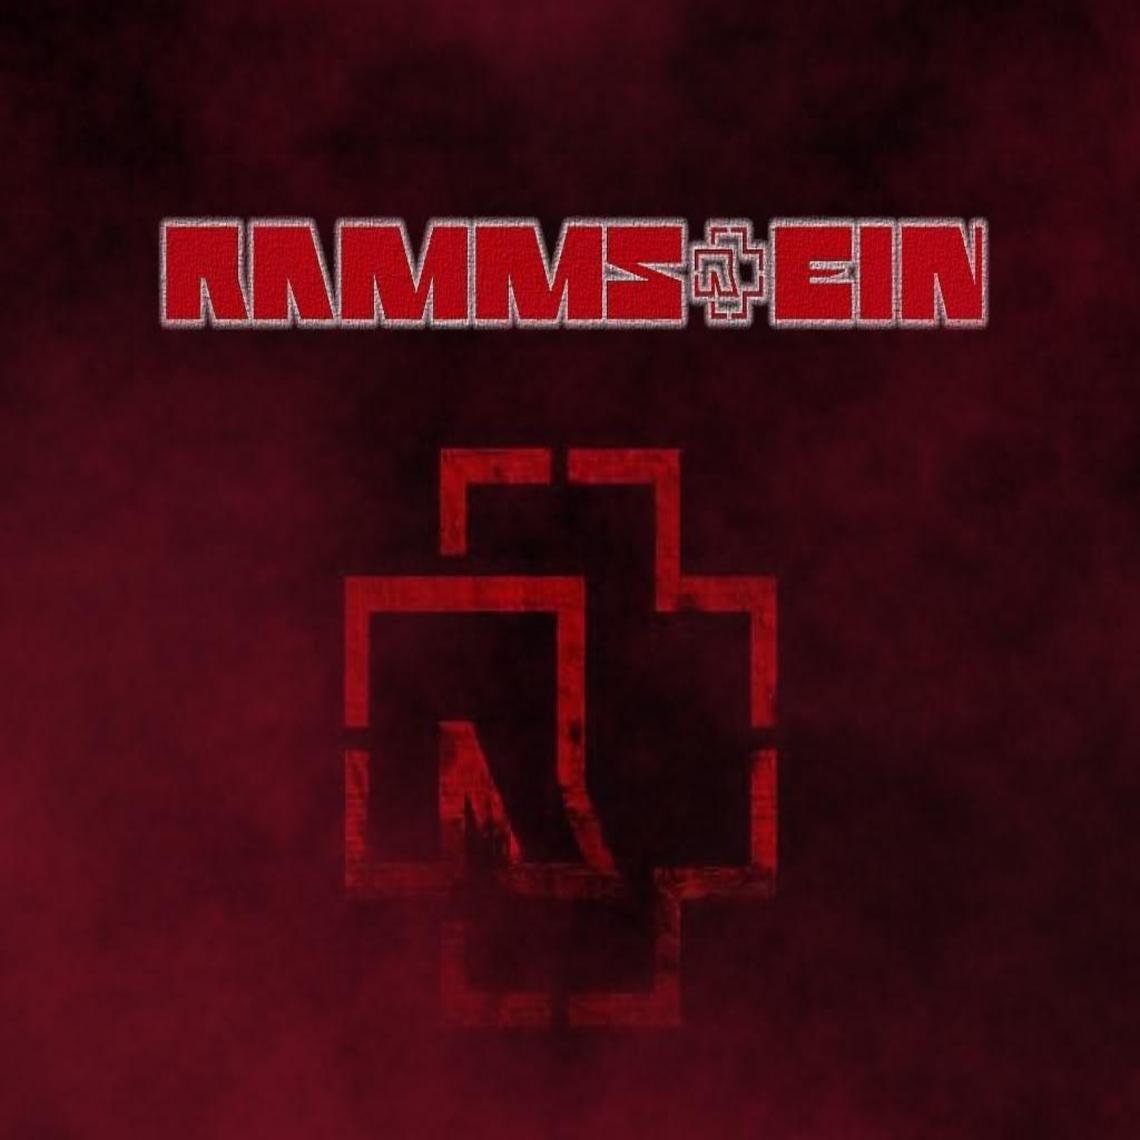 Rammstein Logo Red